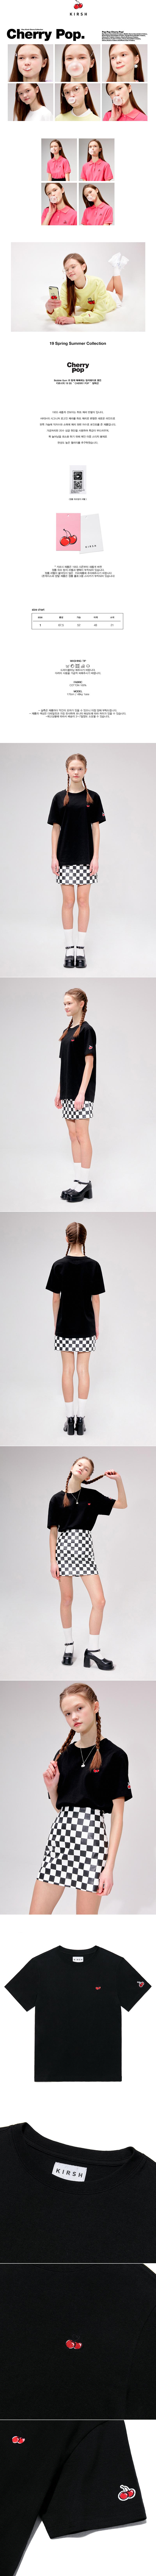 키르시(KIRSH) 하트 체리 티셔츠 IS [블랙]